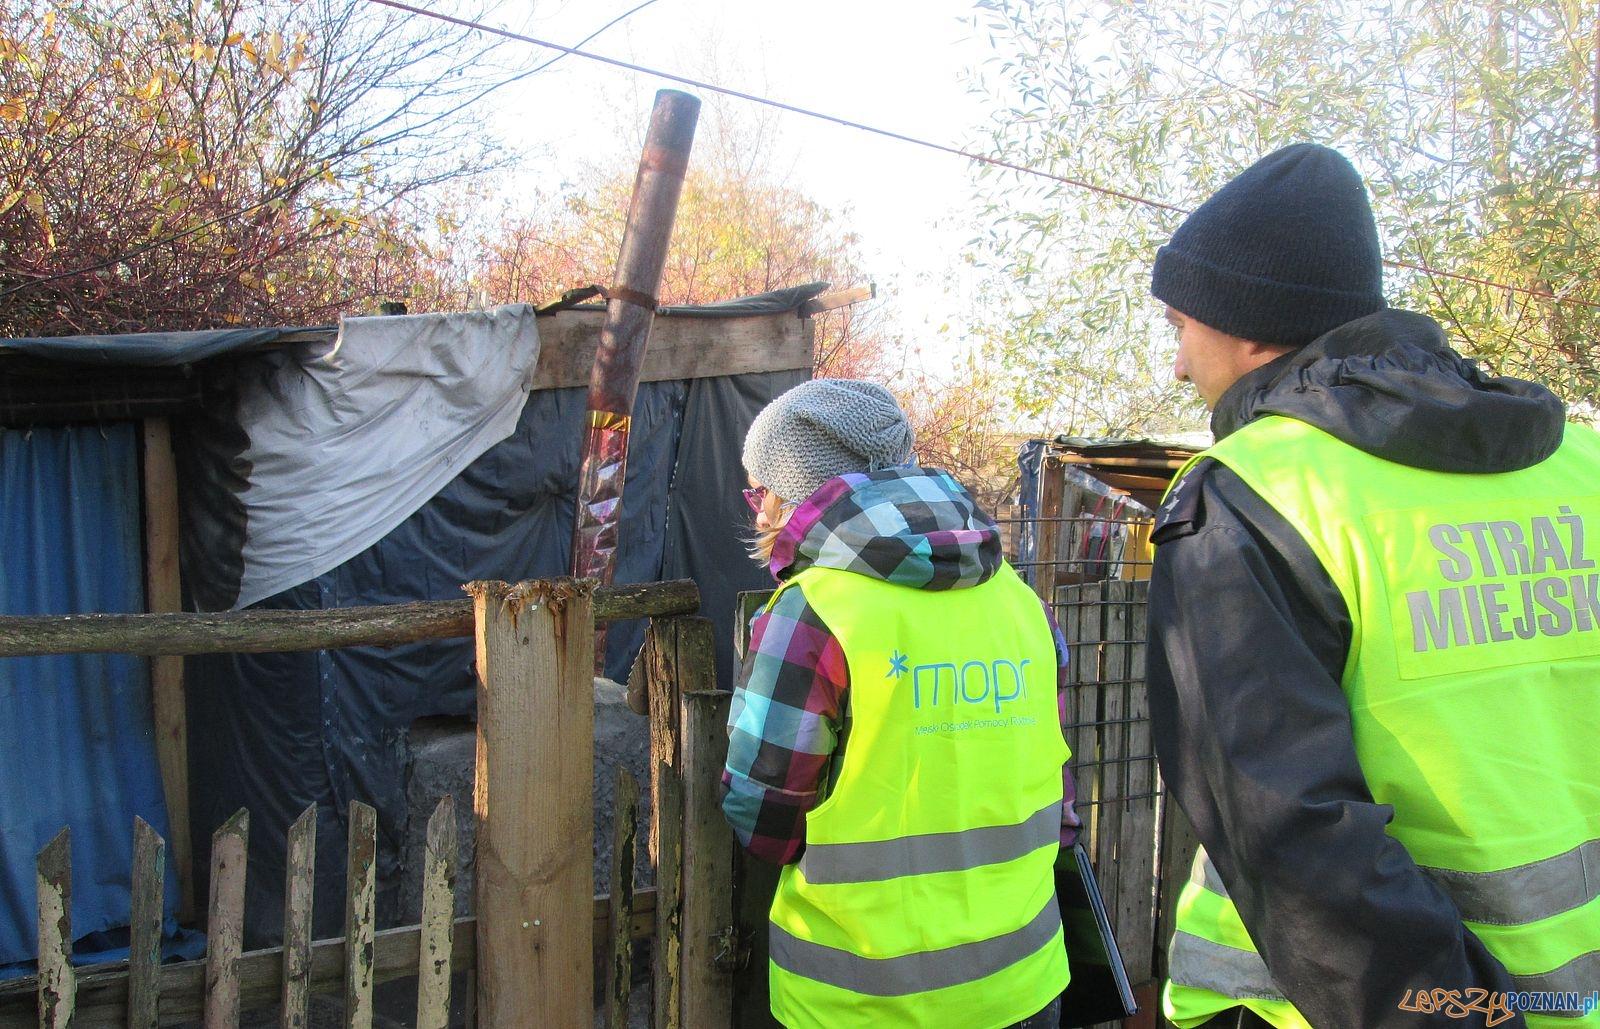 Bezdomni - Straż Miejska rozpoczęła kontrolę koczowisk  Foto: Straż Miejska